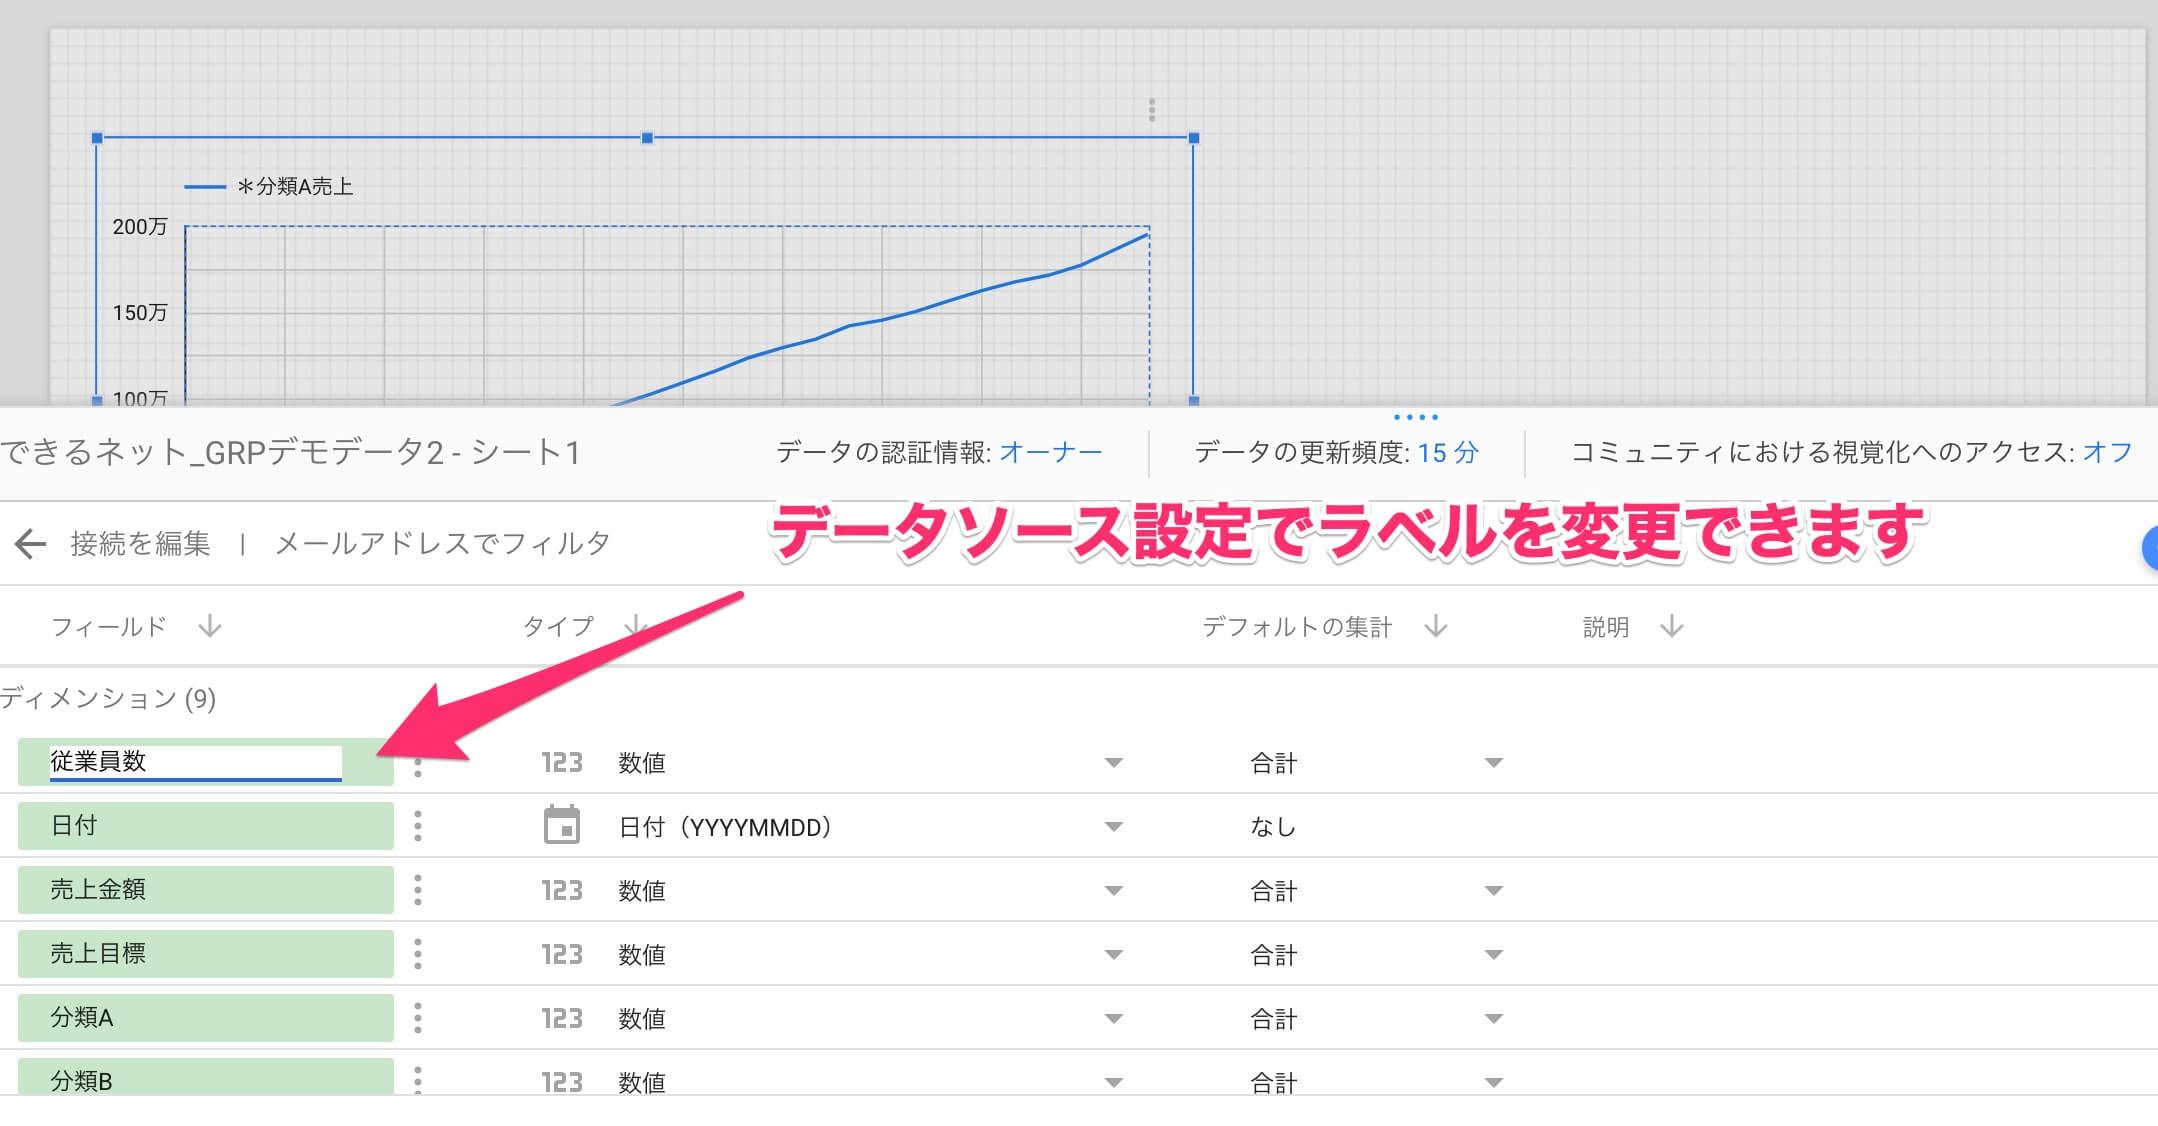 【Googleデータポータル】データラベル(凡例)の表記を変更する方法。適切な名前を付けて理解度を高める